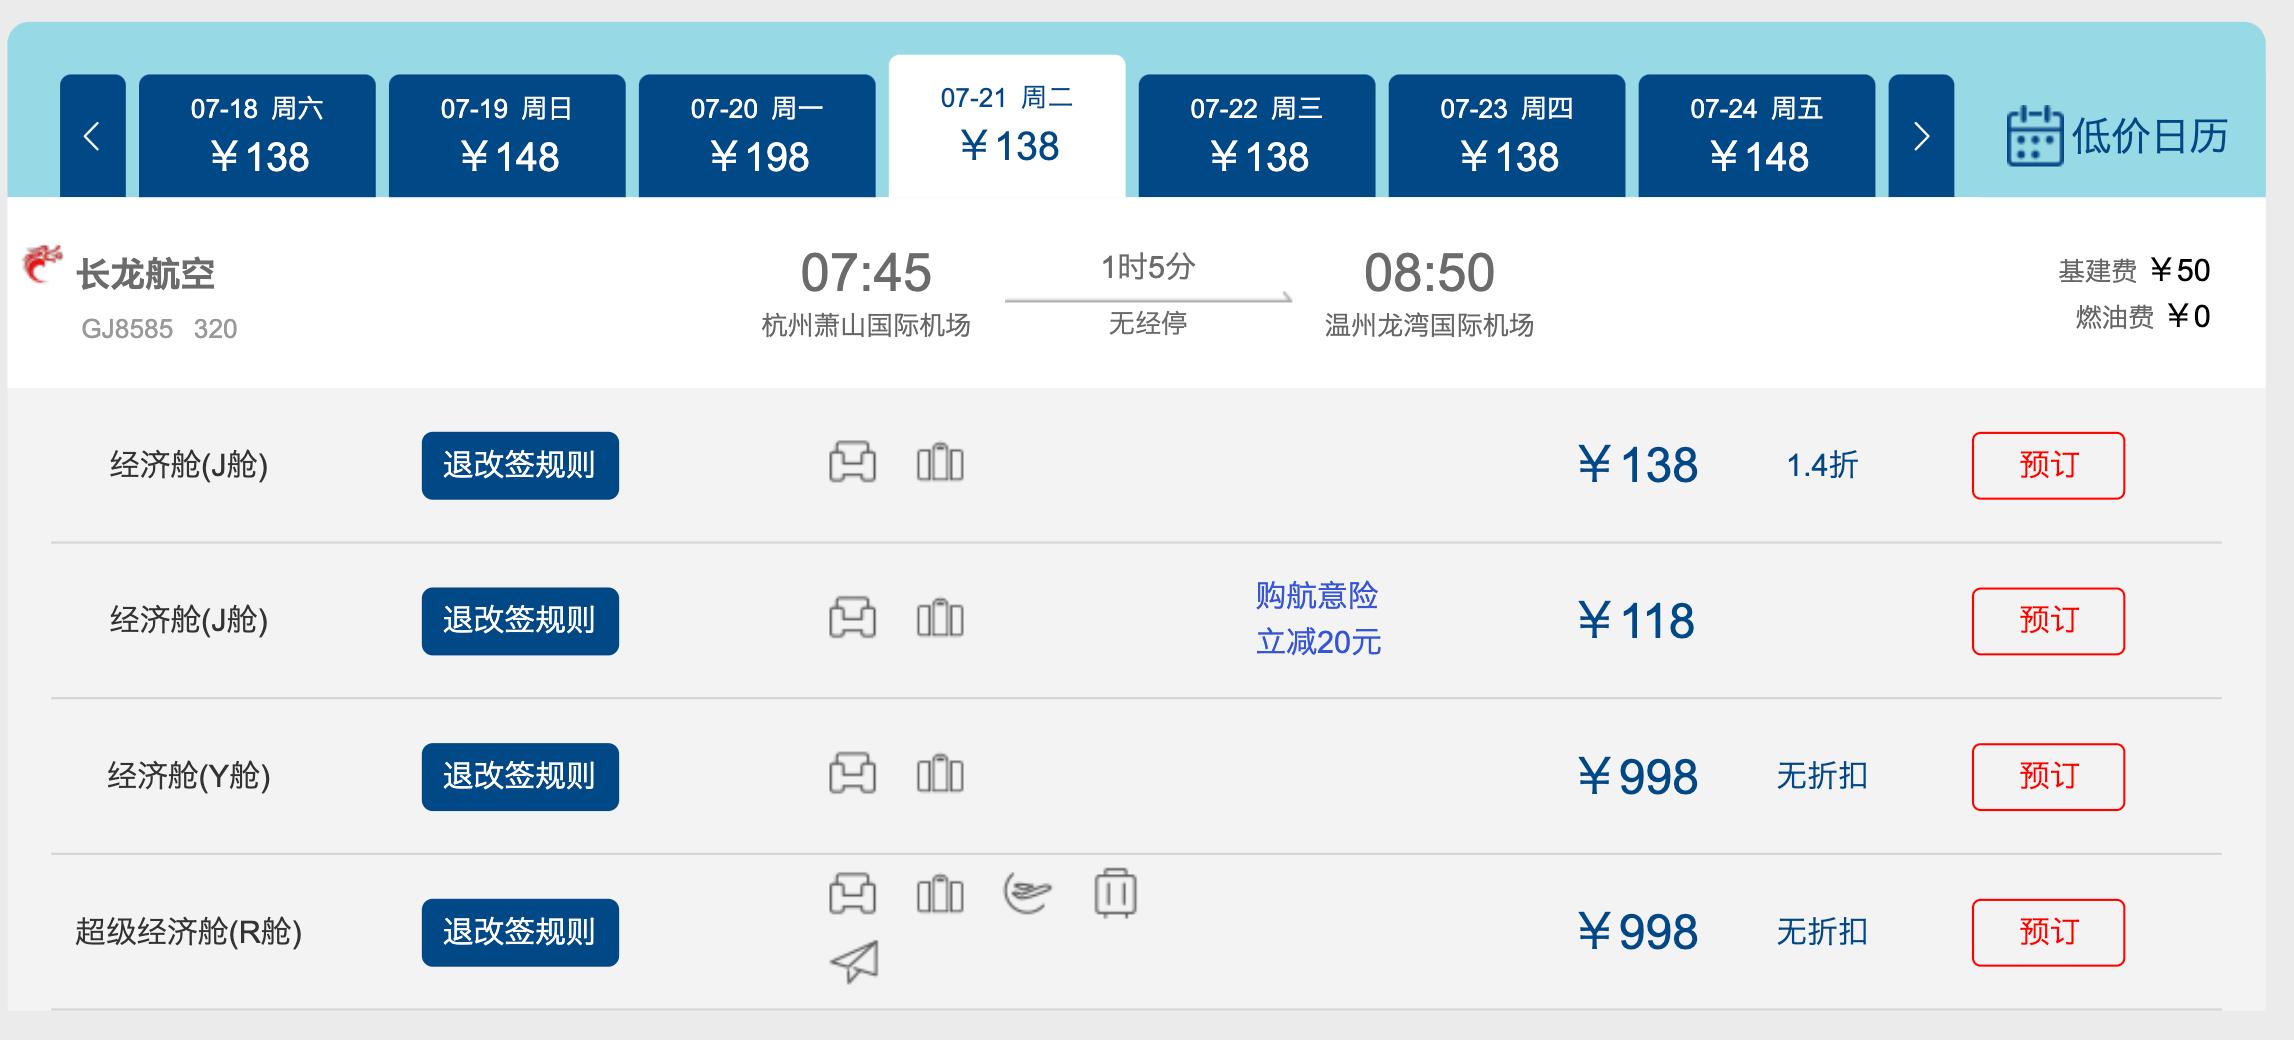 停飞十多年的杭州直飞温州航线将重启:票面价等同高铁二等座